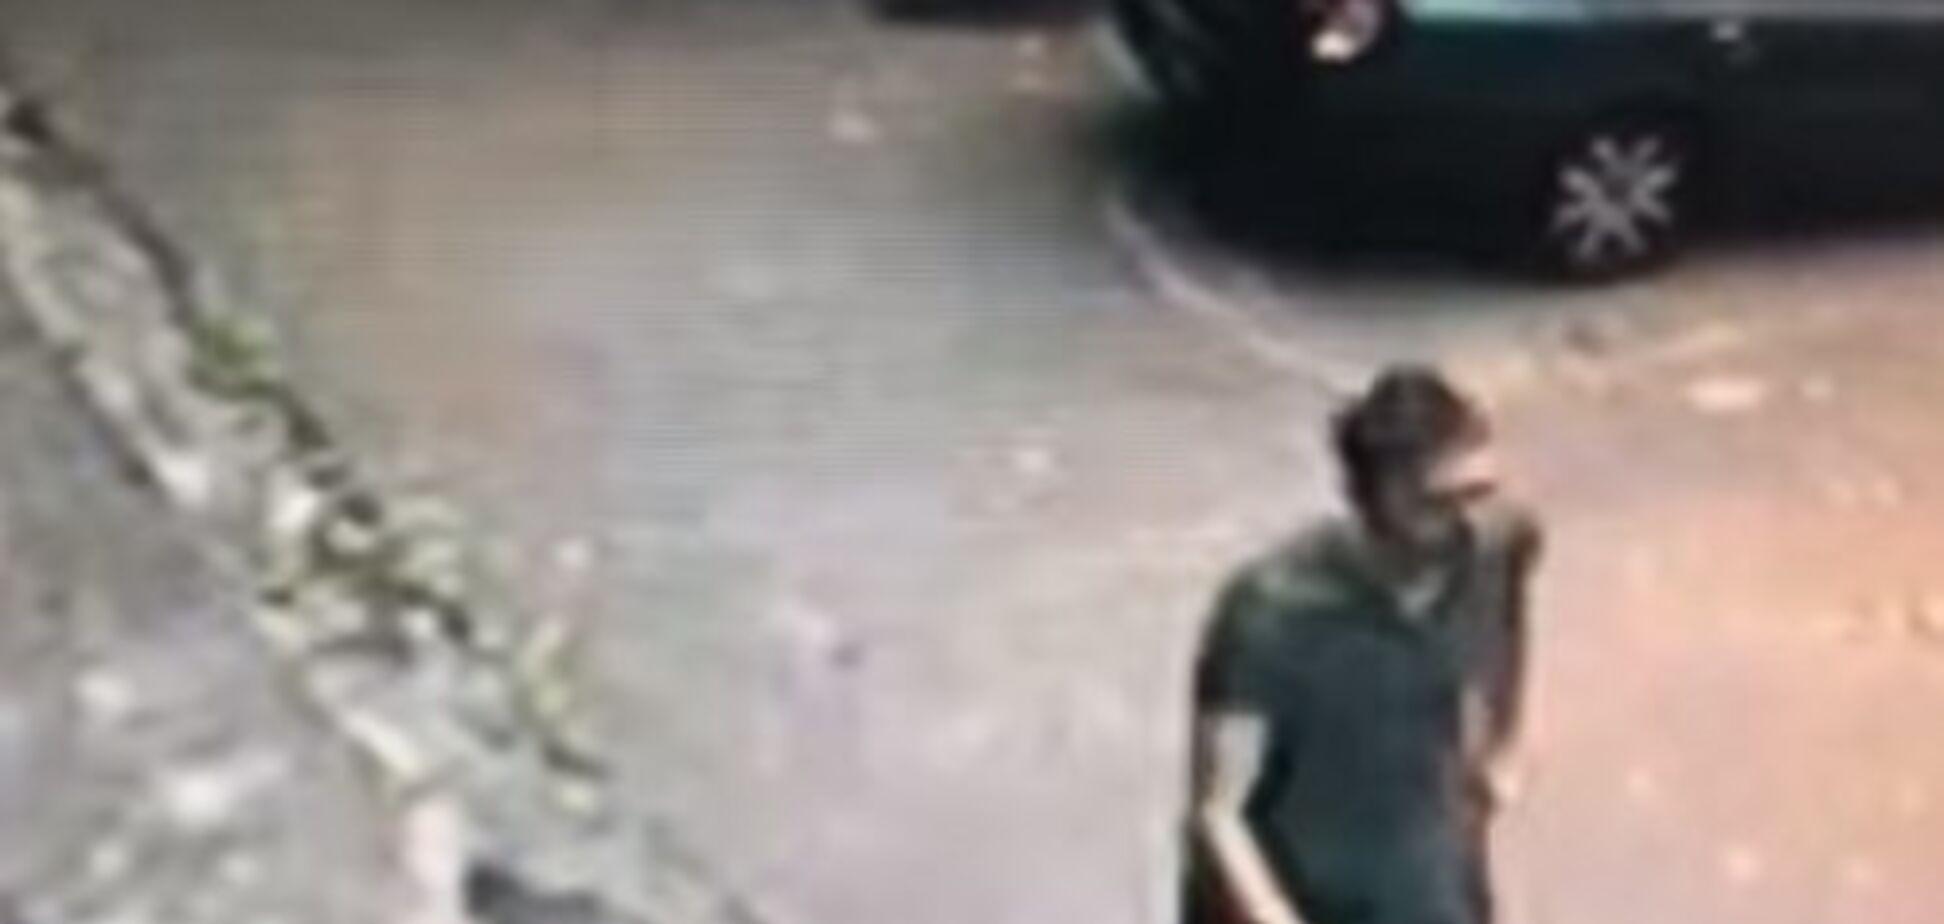 Напал в собственном доме: в Киеве неизвестный пытался изнасиловать девушку